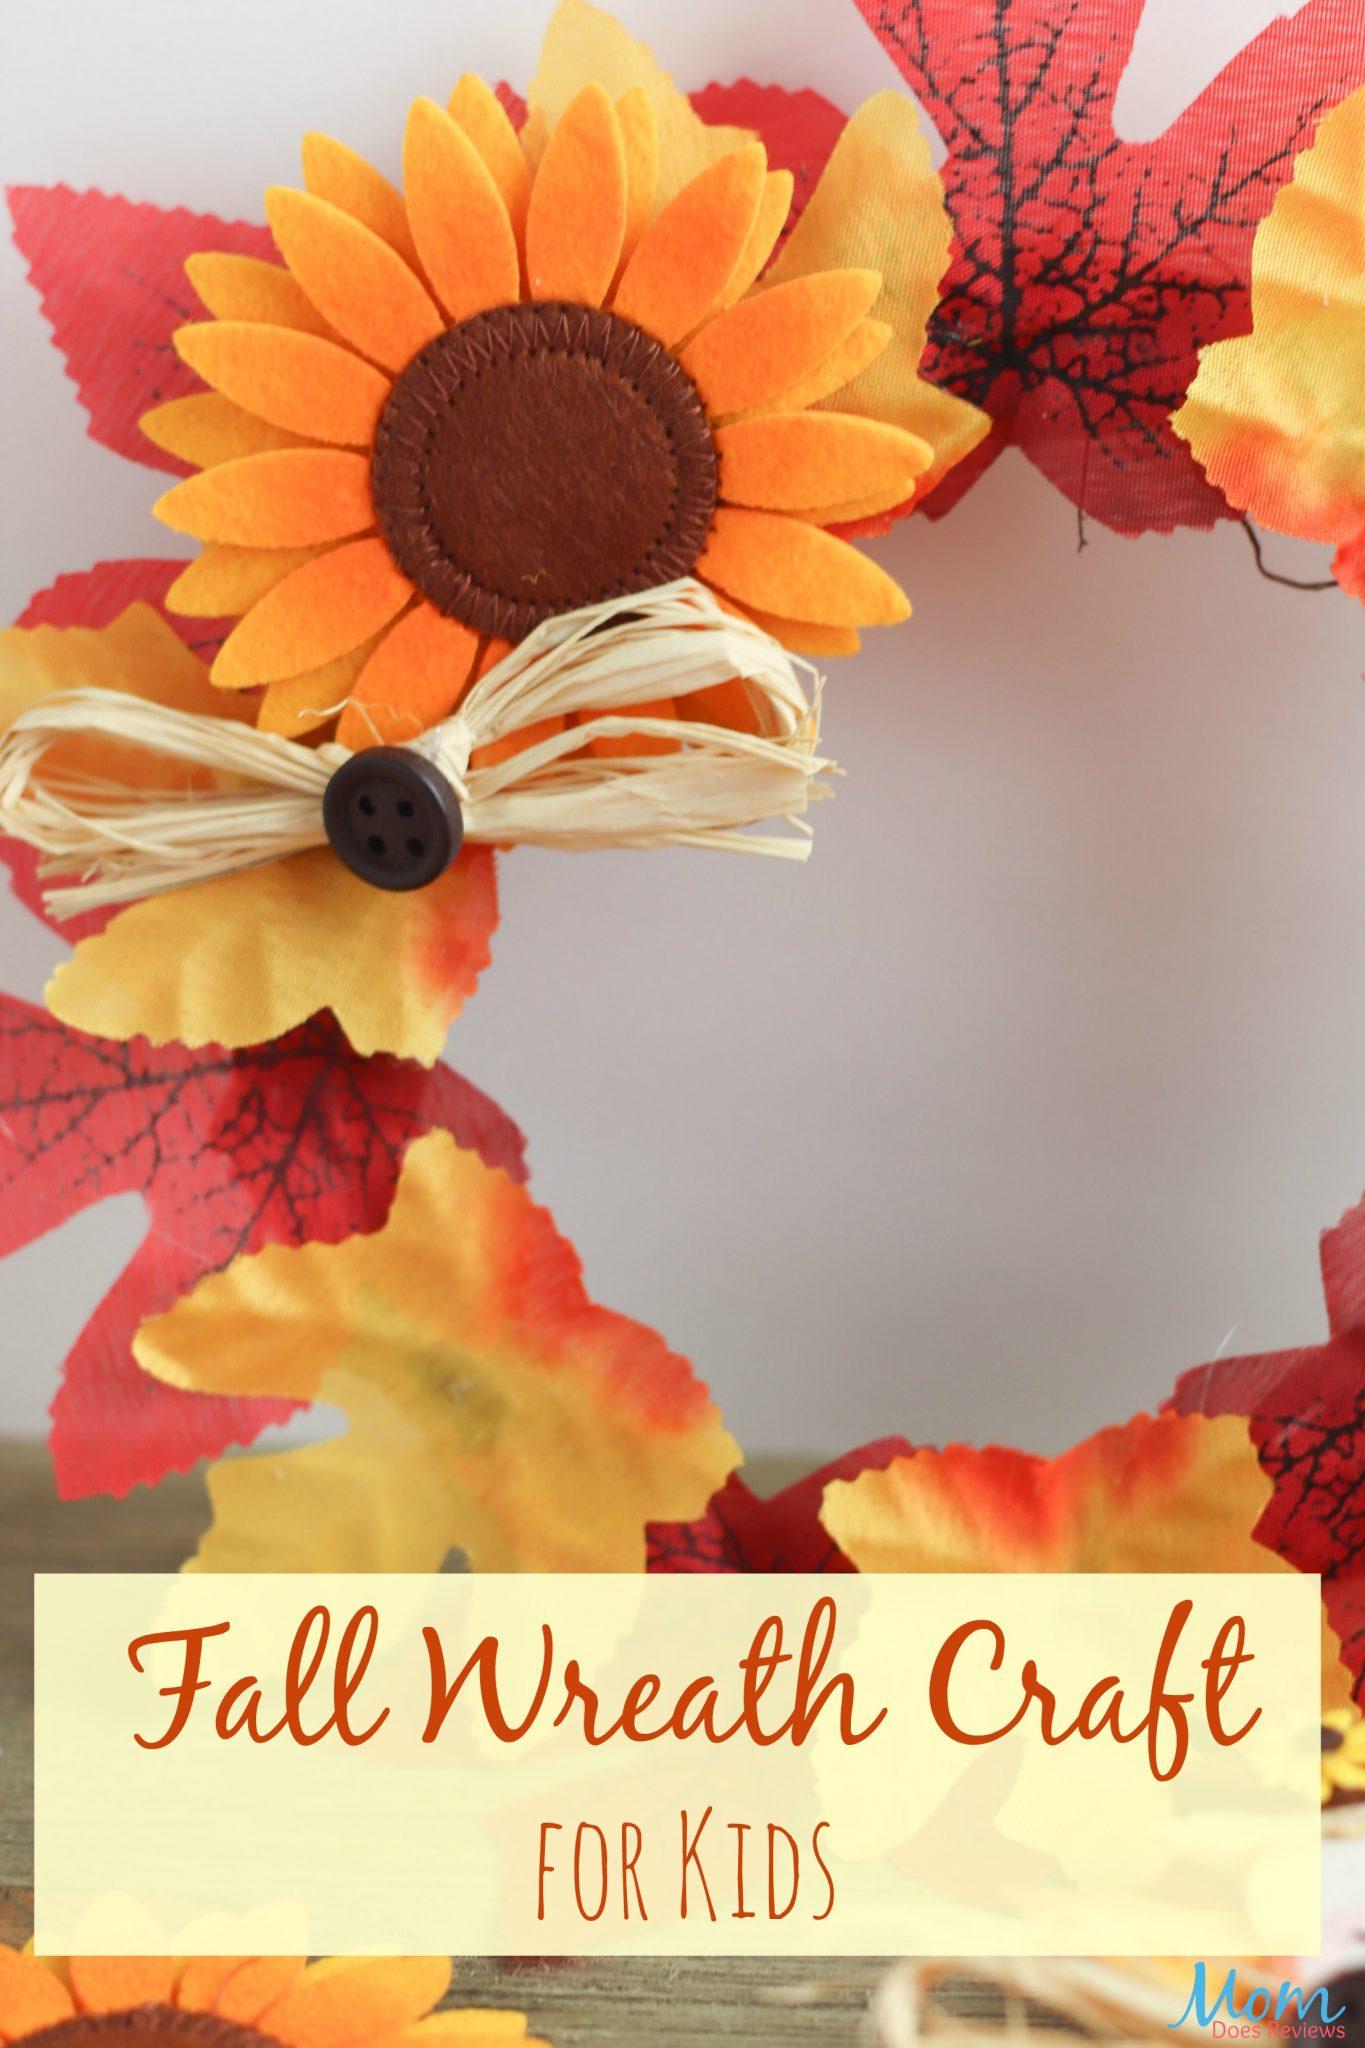 Fall Wreath Craft for Kids #crafts #easycrafts #fallwreath